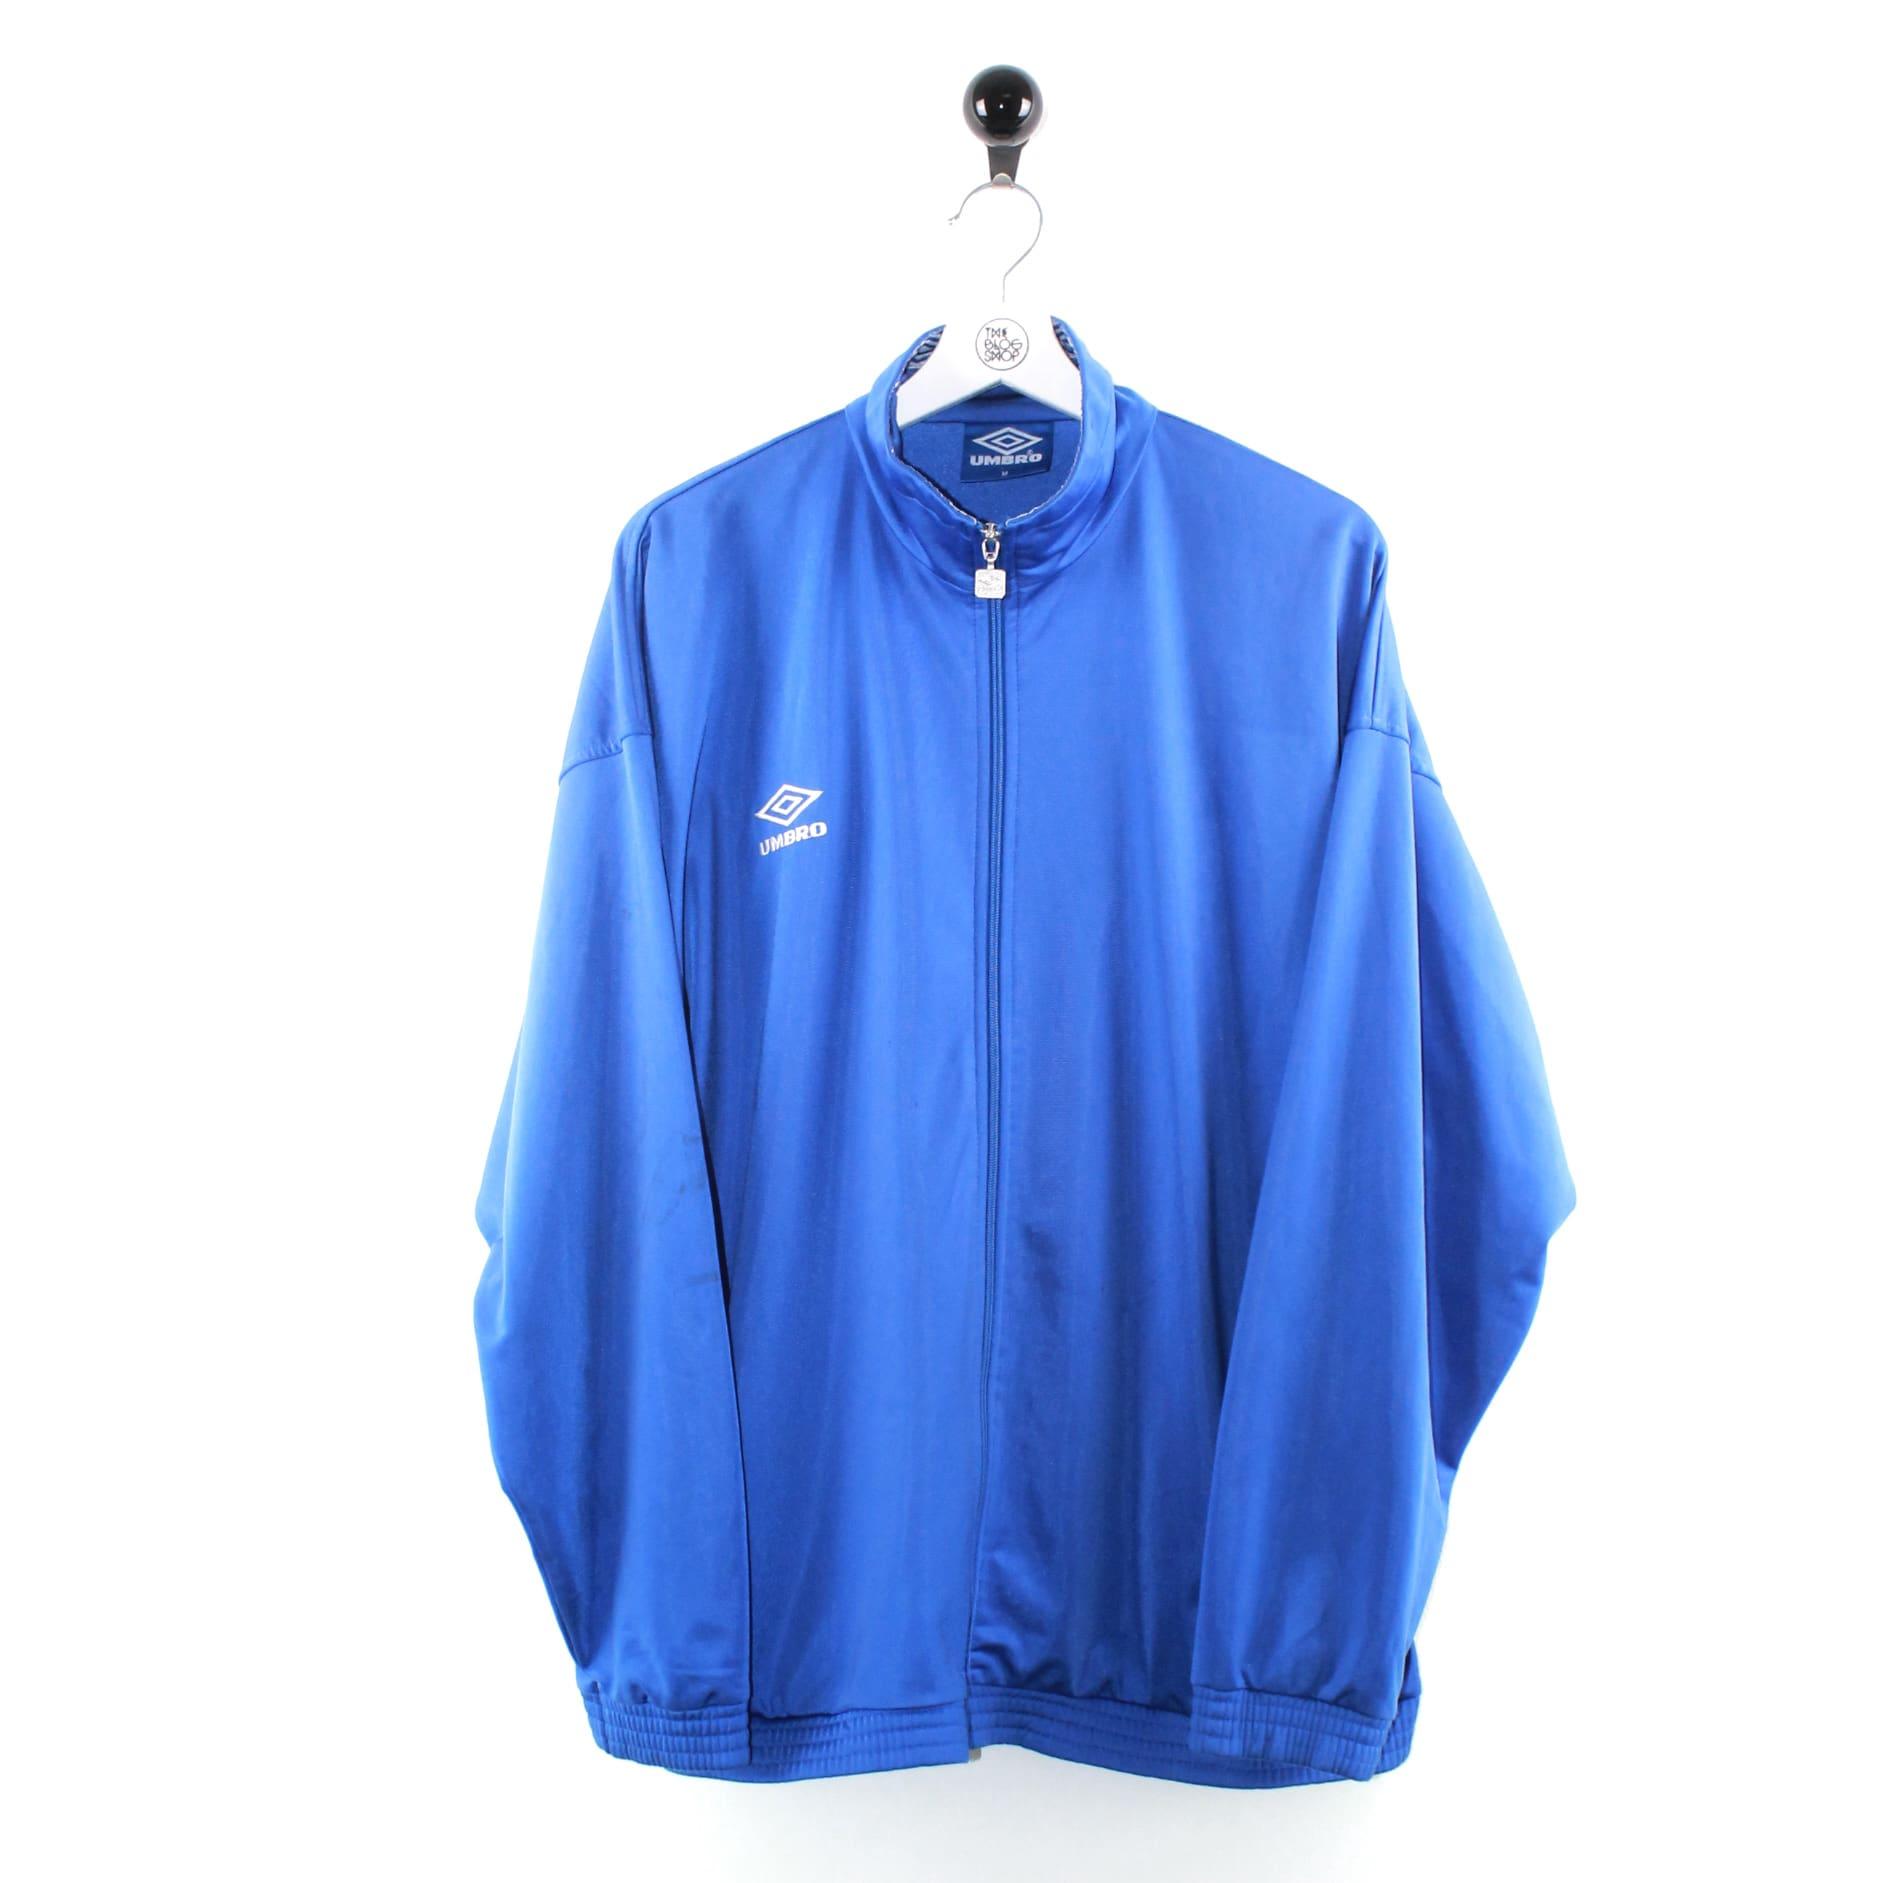 Umbro - Track jacket